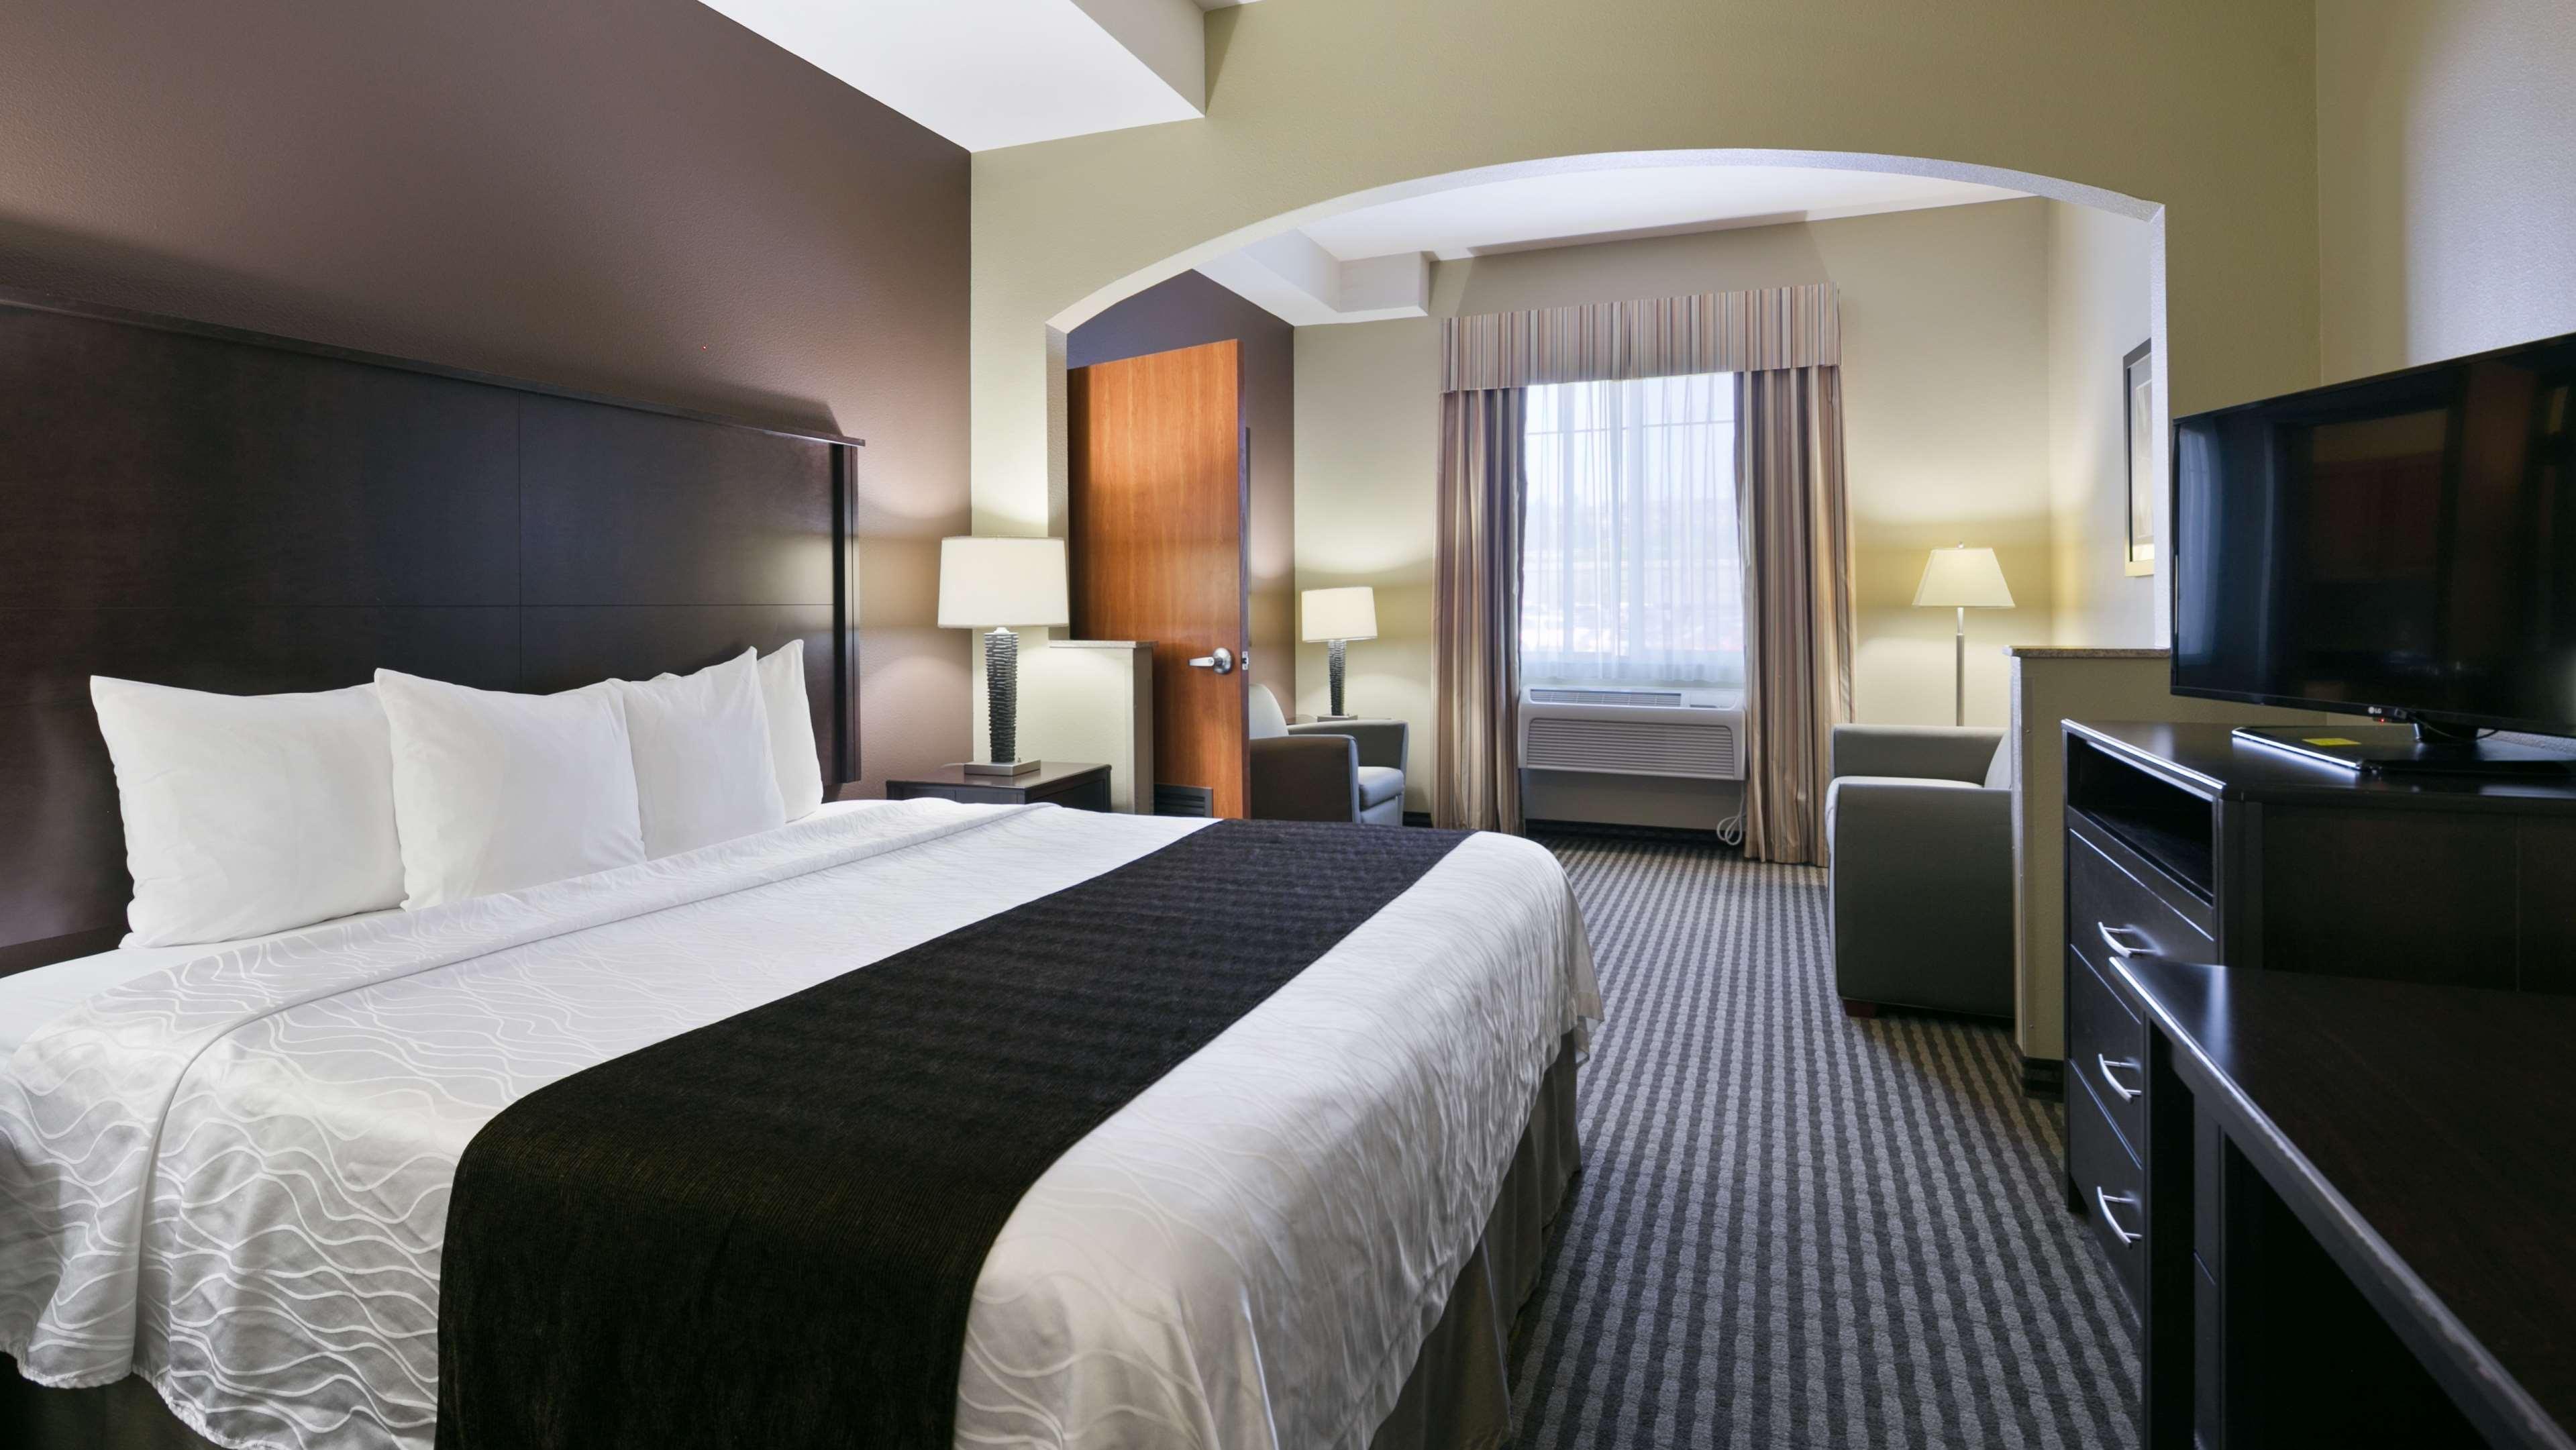 Best Western Plus Parkersville Inn & Suites image 5